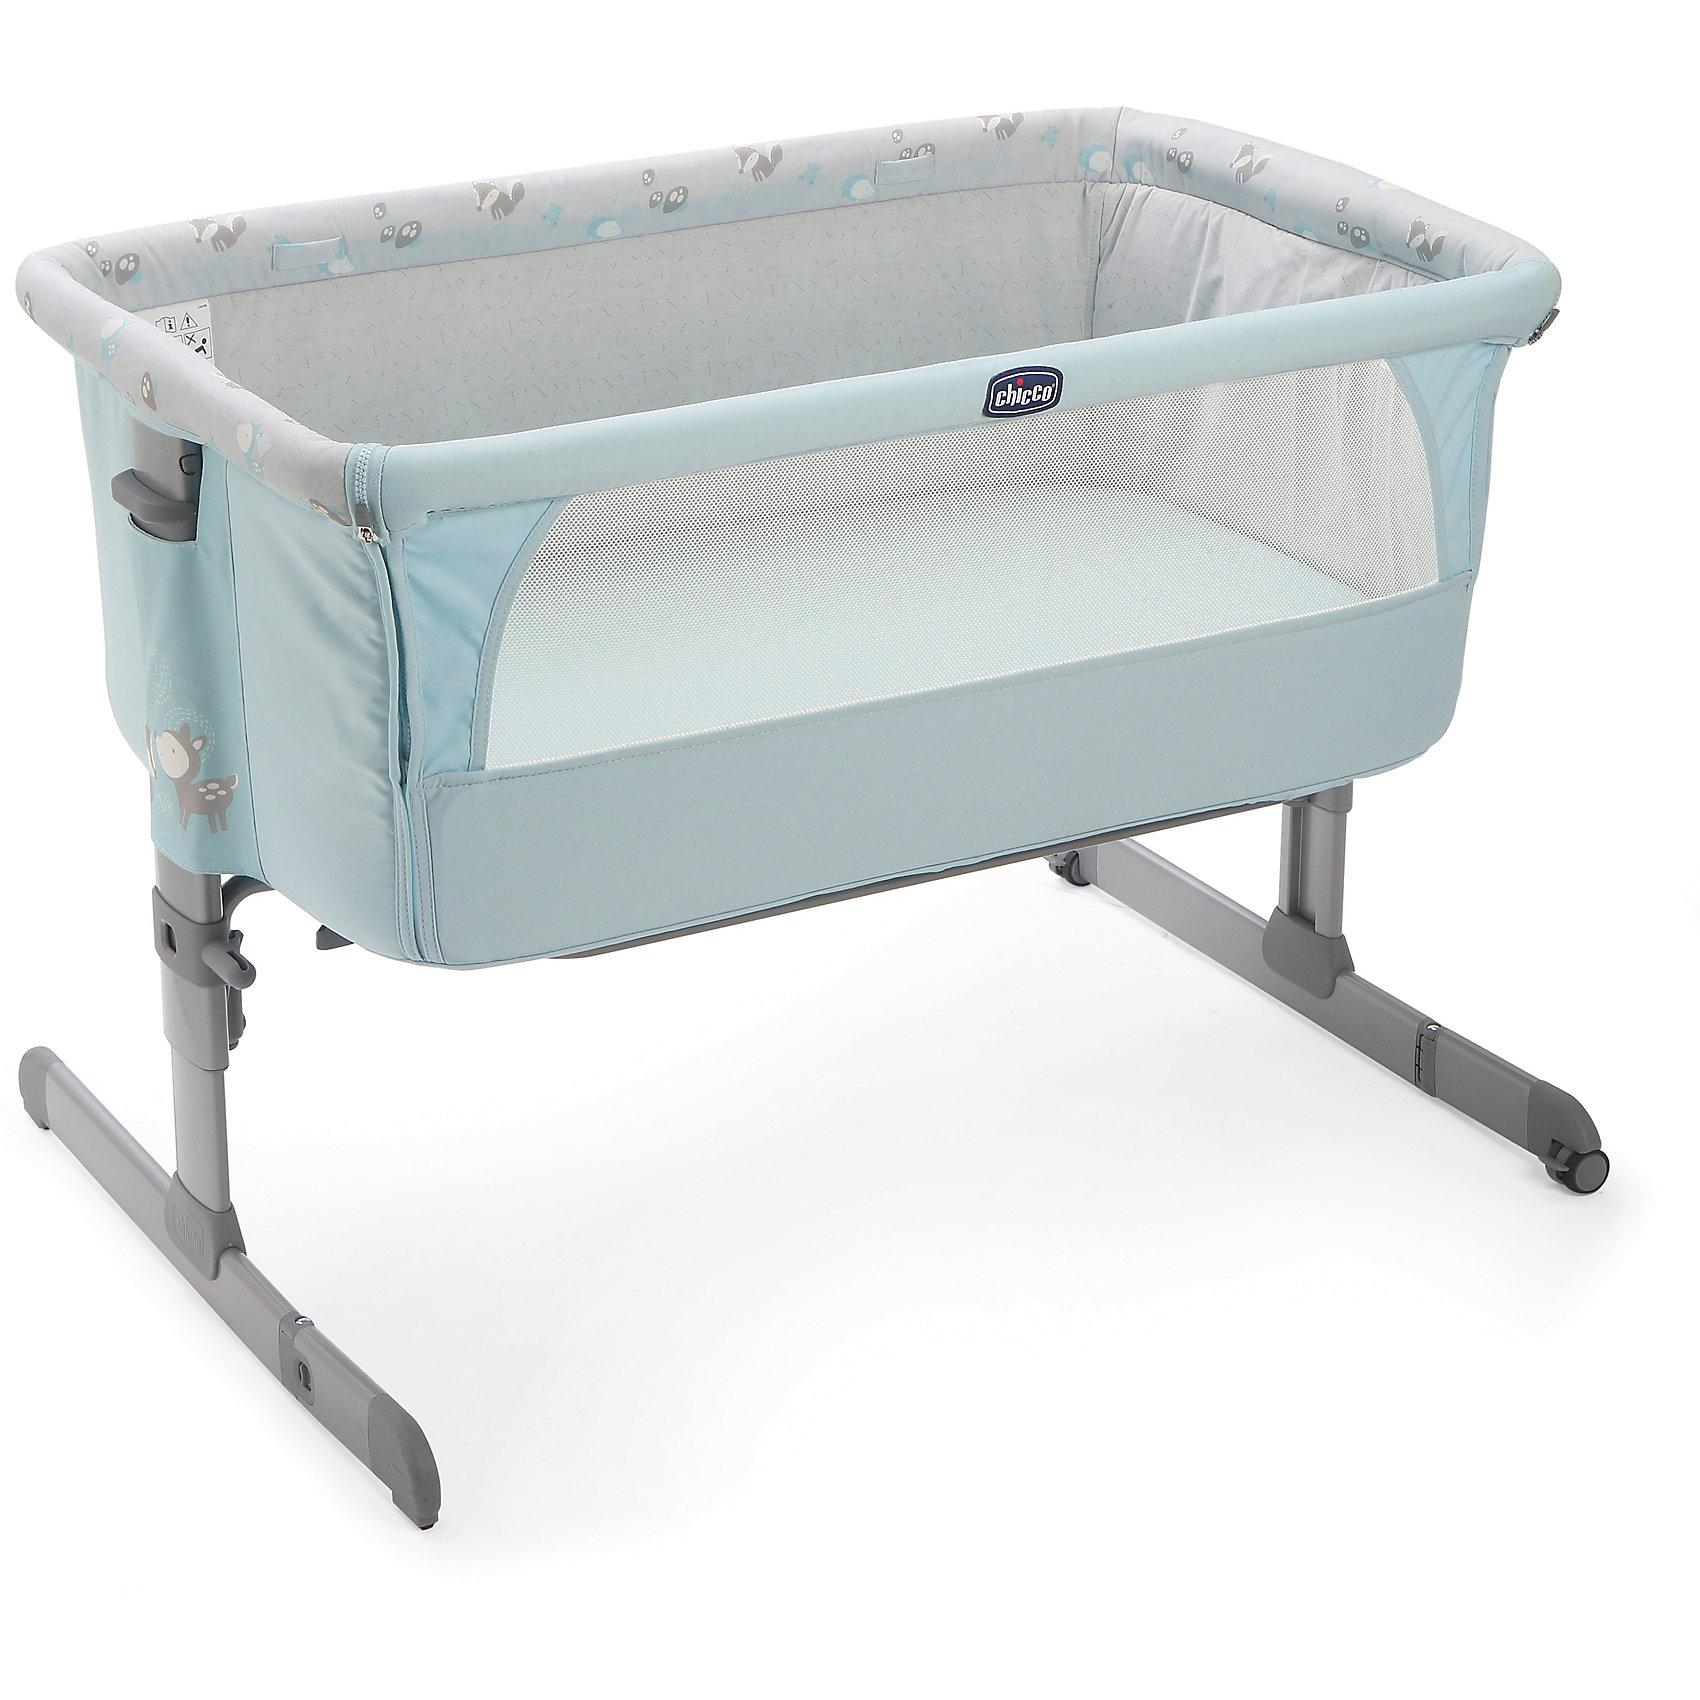 Кроватка Next2Me, Chicco, skyКолыбели, люльки<br>Характеристики кроватки Chicco Next2Me:<br><br>• безопасная система крепления к кровати родителей, надежные карабины;<br>• регулируется расстояние между детской кроваткой и кроватью родителей;<br>• расположения кроватки изменяется благодаря регулируемым по длине фиксаторам, <br>• боковая стенка откидывается, предоставляя доступ к ребенку;<br>• края стенки оснащены специальным креплением, которое обеспечивает надежное крепление к опорной стойке кроватки;<br>• регулируемая высота кроватки, 4 положения;<br>• регулируется угол наклона спального места, 180-160 градусов;<br>• кроватка оснащена двумя парами сдвоенных колесиков со стопорами;<br>• сетчатая вставка в боковой части коляски позволяет создать циркуляцию воздуха и создать оптимальные условия малышу;<br>• матрасик в комплекте;<br>• съемные чехлы кроватки, стирка при температуре 30 градусов;<br>• компактное складывание кроватки, хранение в сумке на молнии. <br><br>Размер кроватки: 93х69х66/81 см<br>Длина спального места: 93см<br>Ширина спального места: 69 см<br>Высота кроватки: 66-81 см<br>Допустимая нагрузка: до 9 кг<br>Размер упаковки: 95х60х15,5 см<br>Вес в упаковке: 9,9 кг<br><br>Кроватка Next2Me для новорожденного устанавливается вплотную к кровати родителей или отдельно. Стенка кроватки опускается, чтобы обеспечить мамочке постоянный доступ к ребенку, на расстоянии вытянутой руки. Детская кроватка надежно крепится к родительской кровати, таким образом, нет щели и сквозного пространства между двумя кроватями. Расположение днища кроватки можно изменить, подогнав высоту кроватки к высоте кровати родителей. Кроватка-люлька может использоваться отдельно и стоять поодаль или в соседней комнате, в детской спальне. В таком случае, бортик люльки поднимается, надежно фиксируется. Складывается кроватка компактно и не занимает много места, хранится в тканевом чехле на молнии. Чехол оснащен ручками для переноски.<br><br>Кроватку Next2Me, Chicco, Sky можно купить в нашем инт